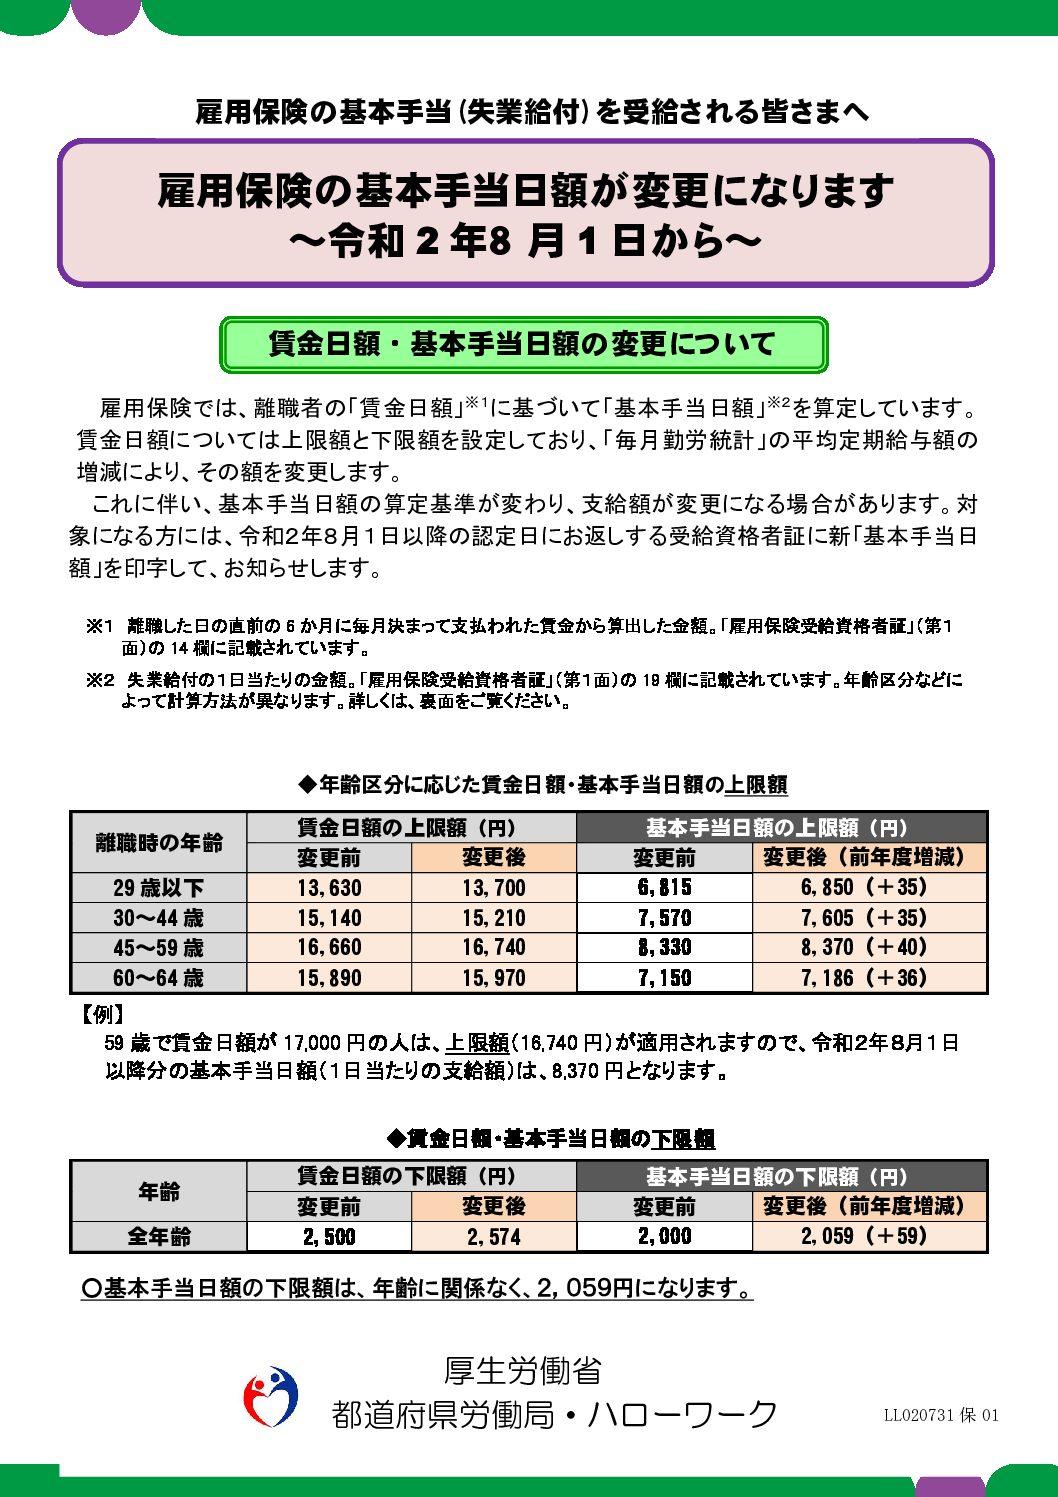 雇用保険の基本手当日額の変更【令和2年8月1日から】